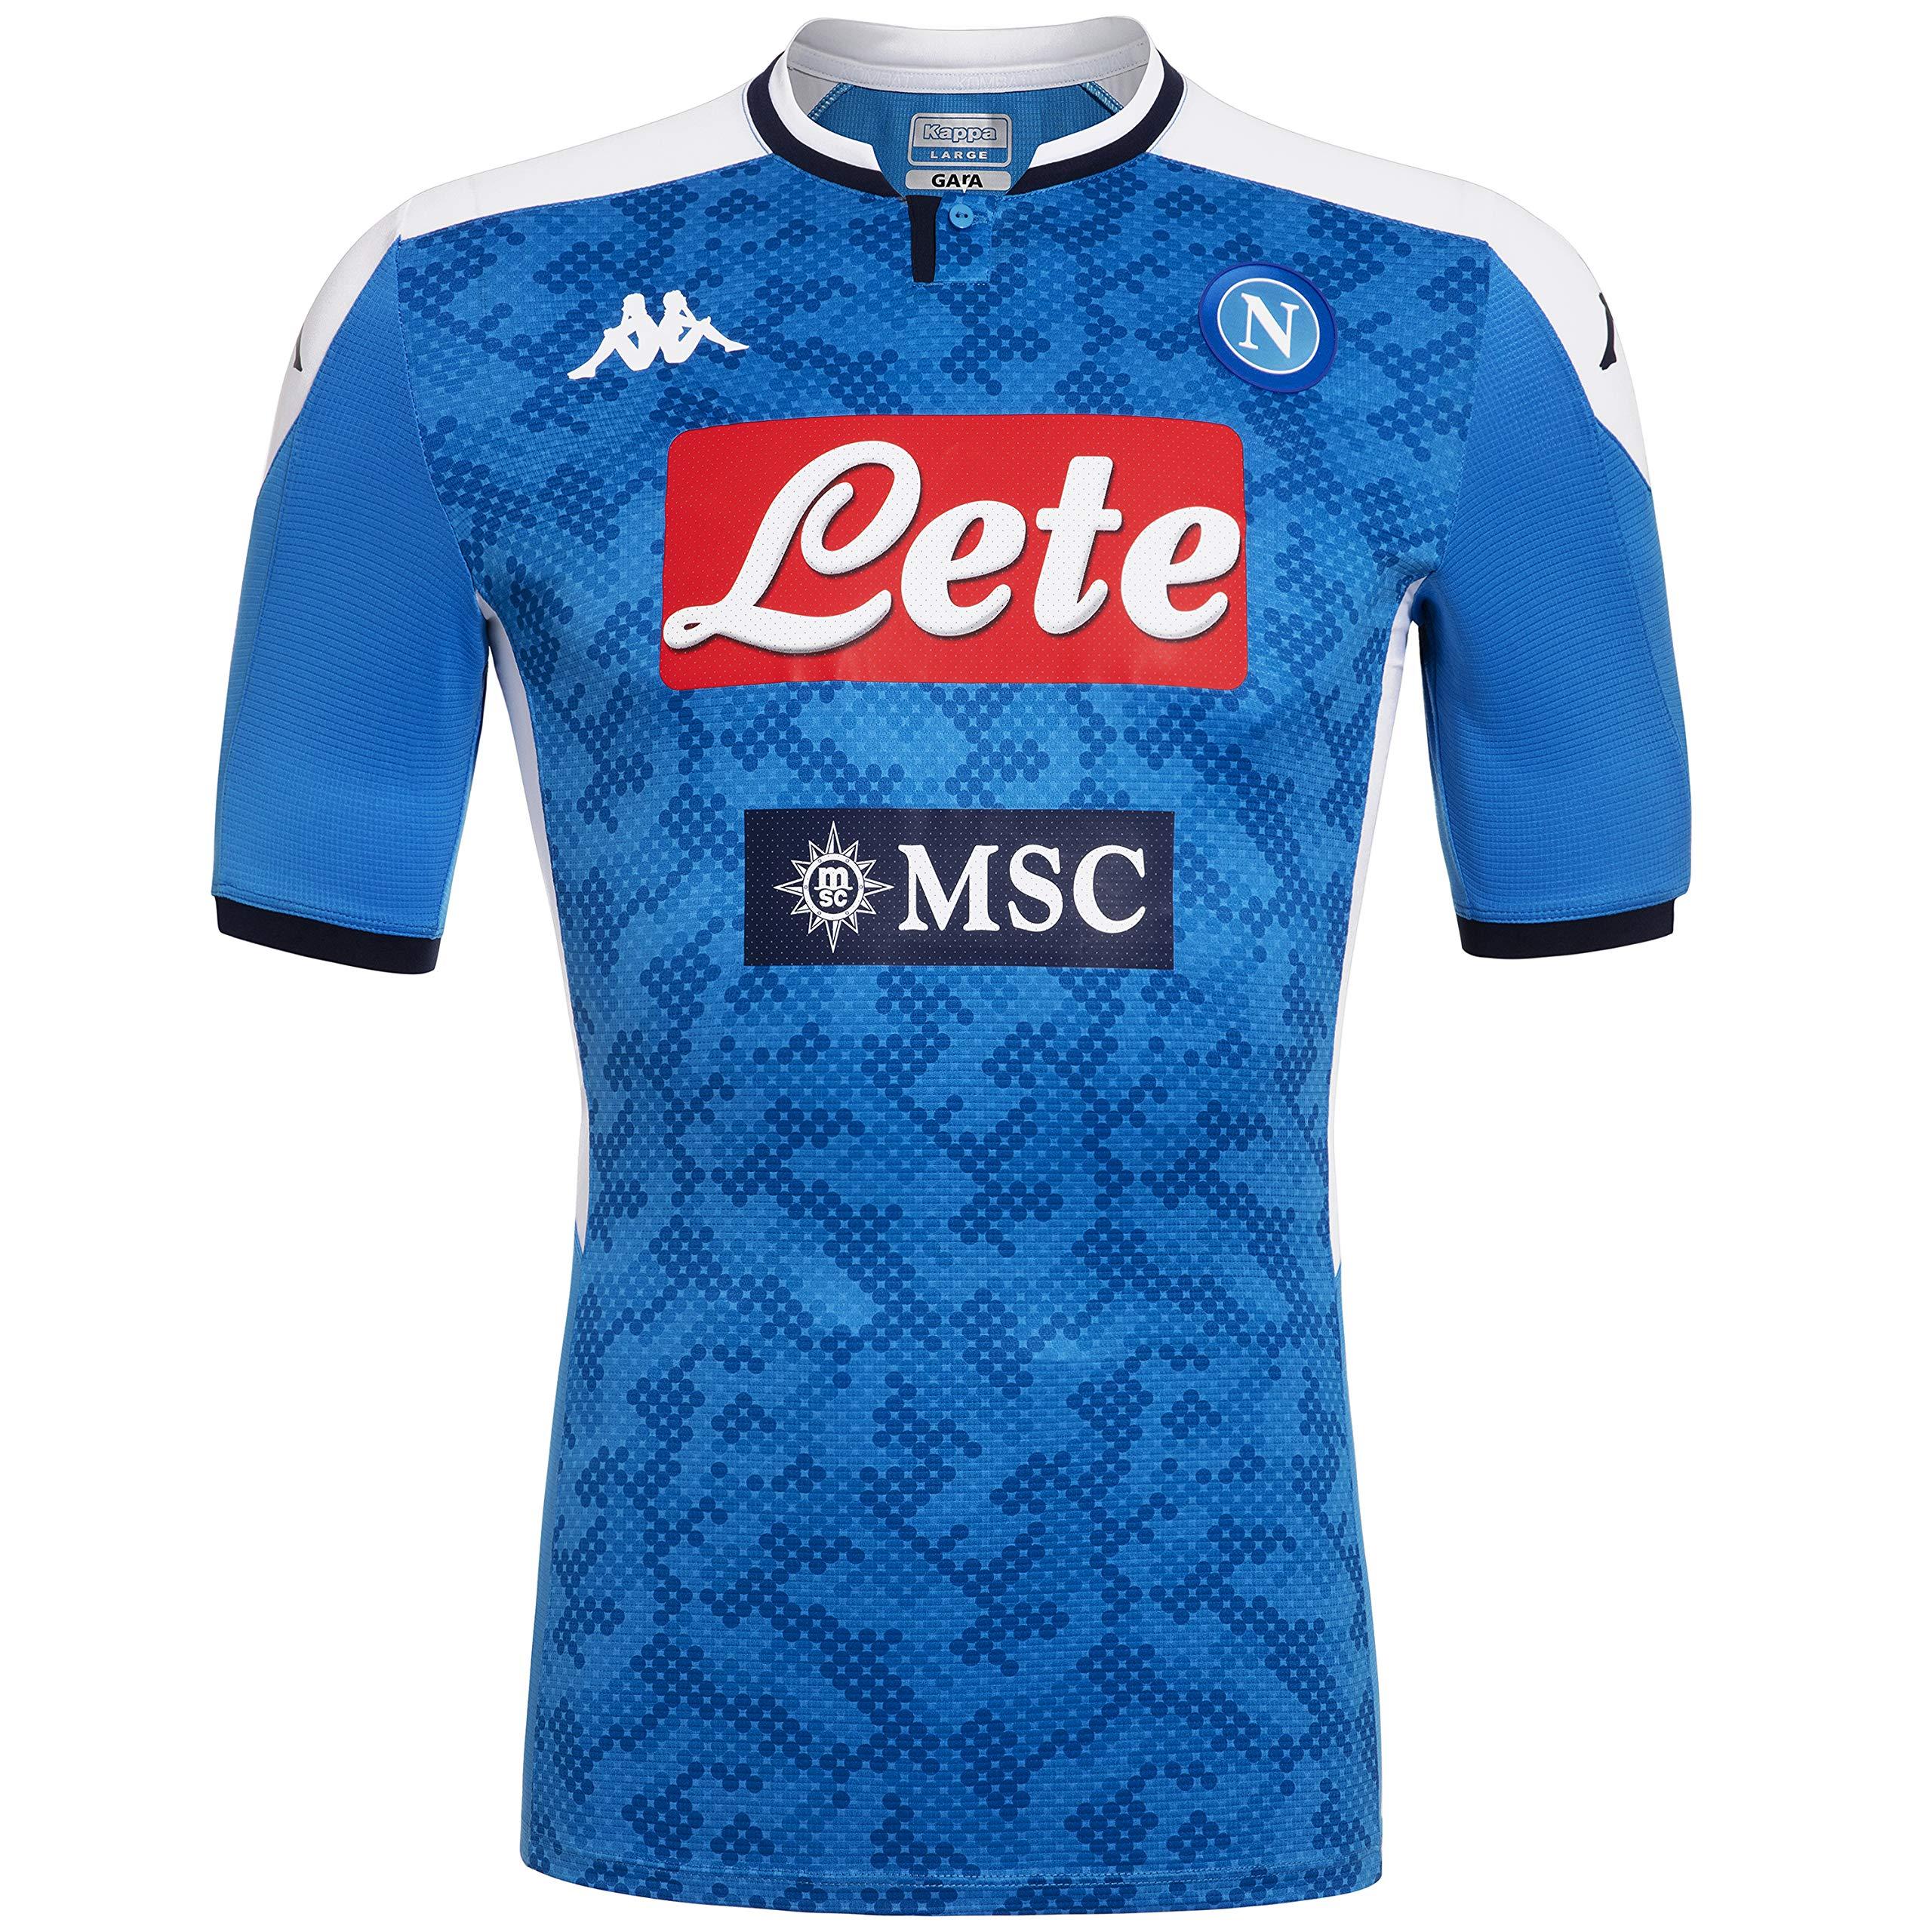 SSC Napoli Camiseta de primera equipación temporada 2019/2020, Azul, XXXL: Amazon.es: Ropa y accesorios